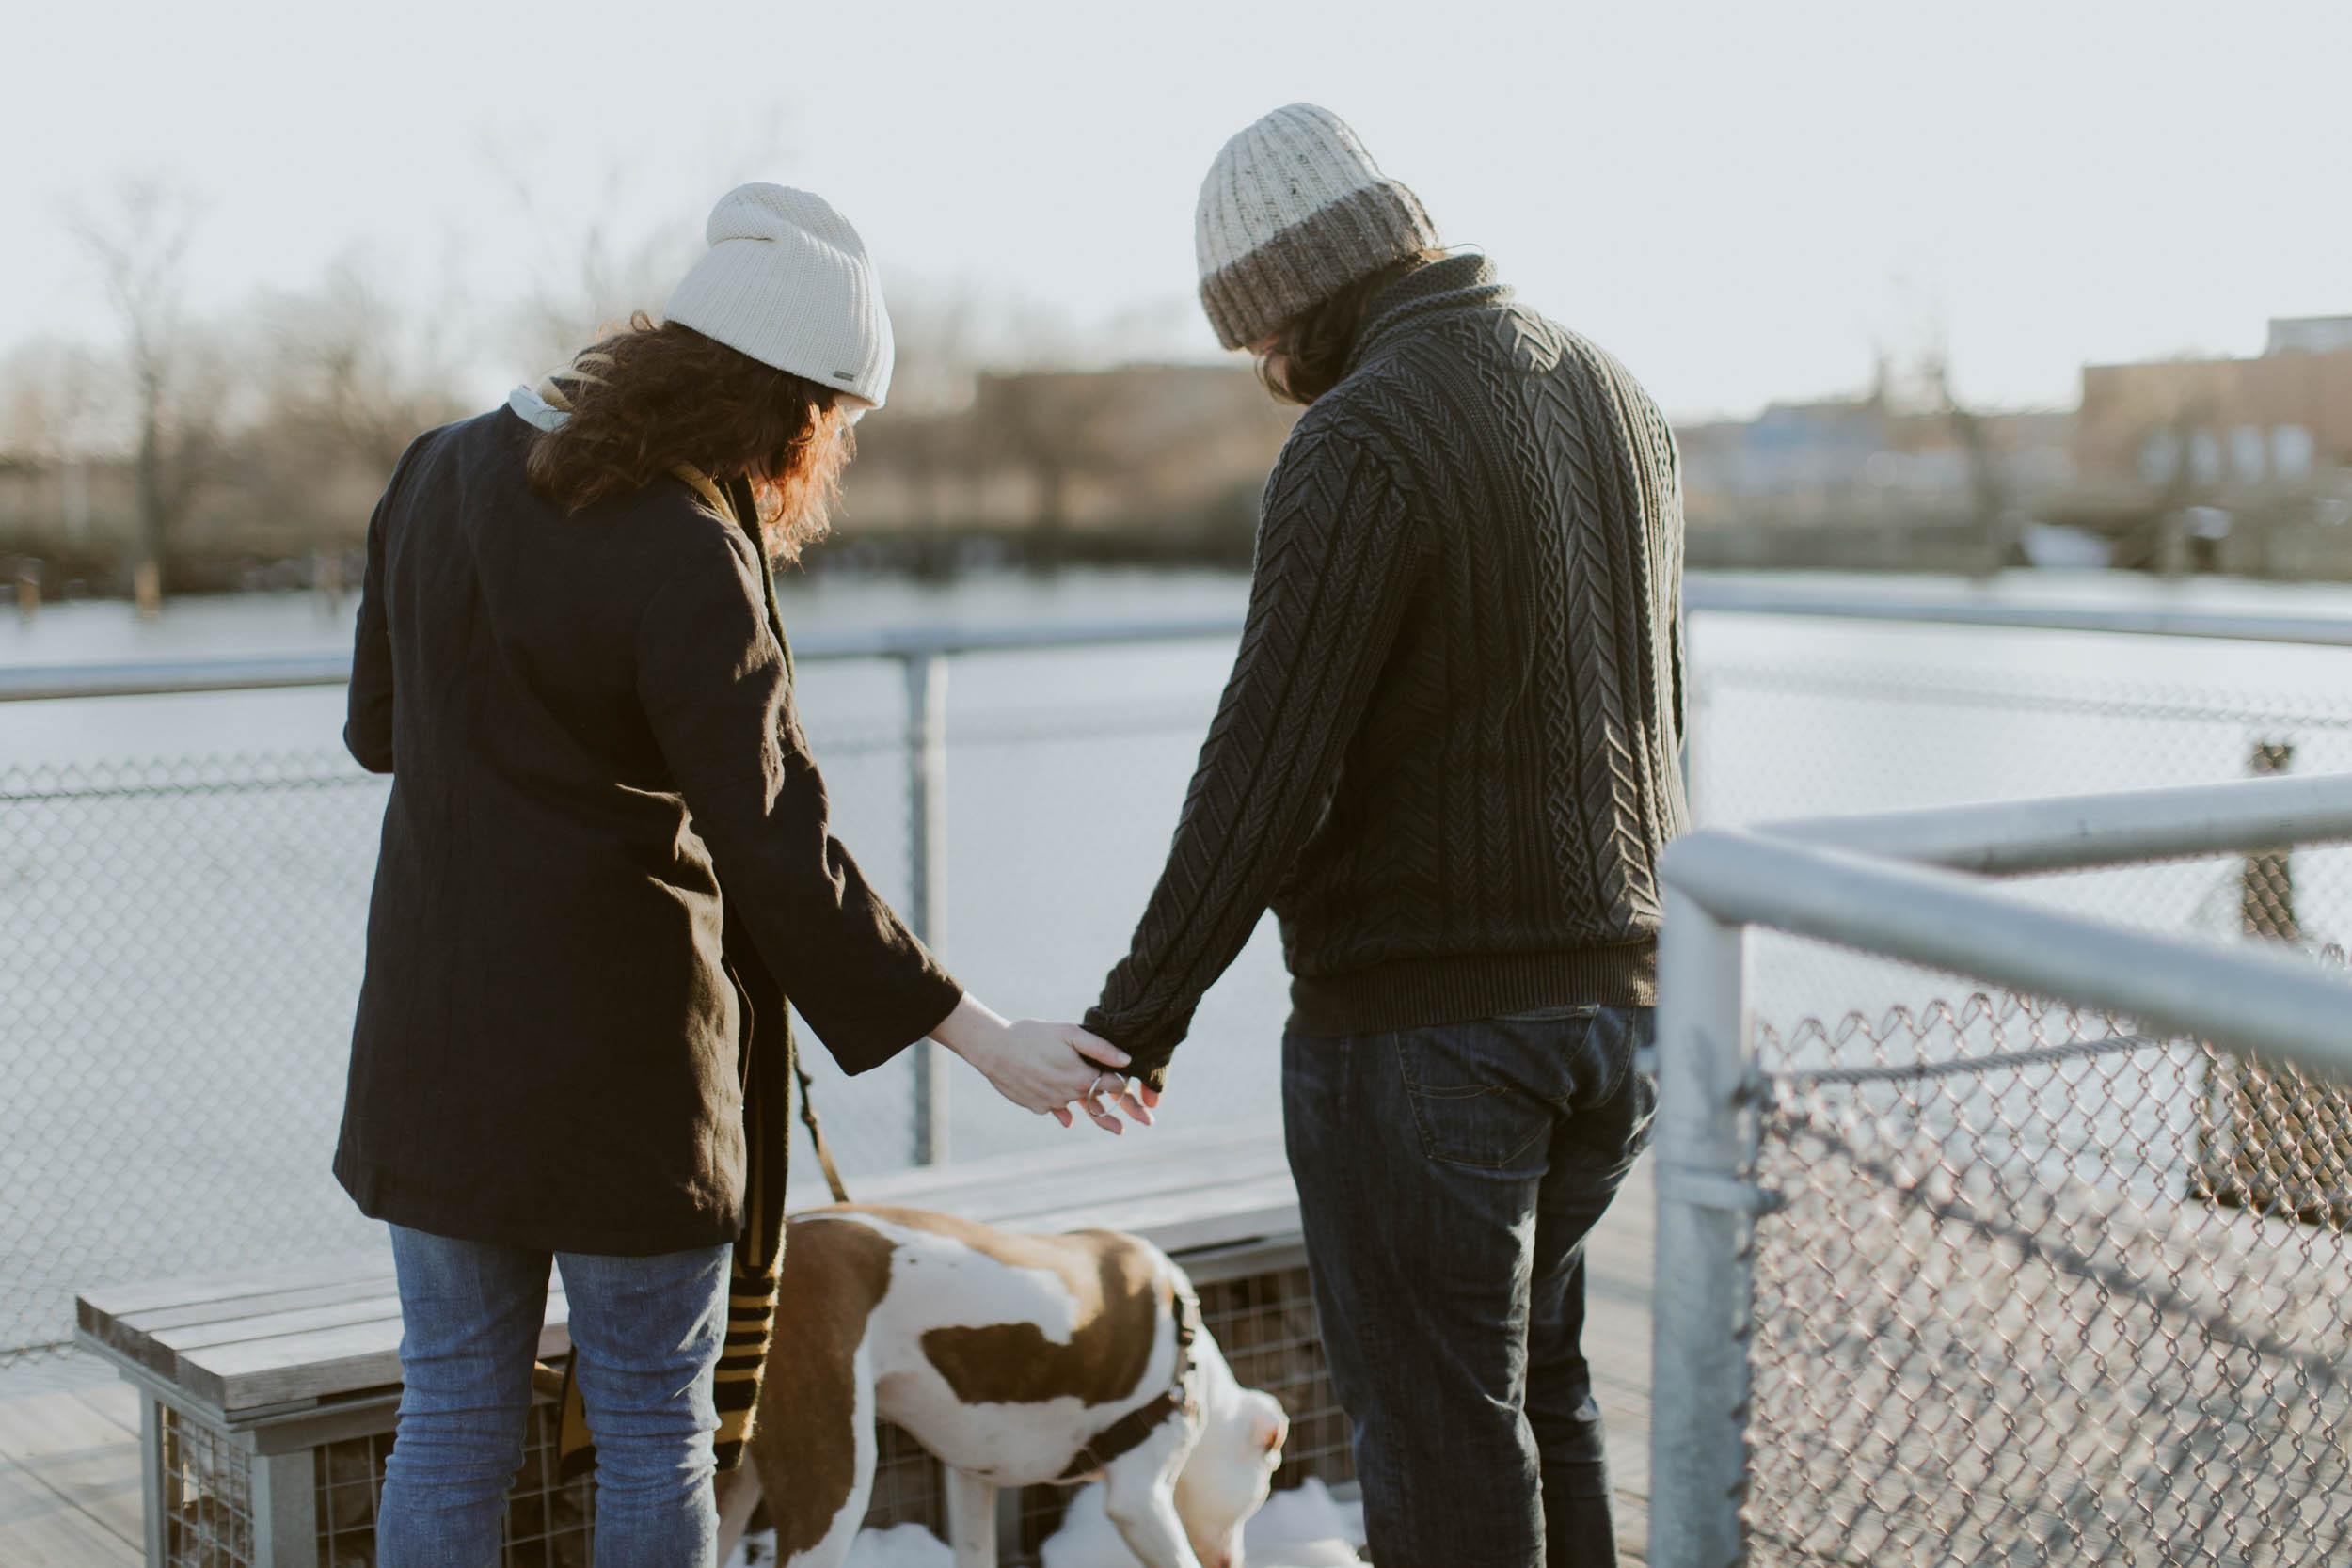 Kristen-Humbert-Family-Photoshoot-Philadelphia_Ruby-James-W-2-39.jpg